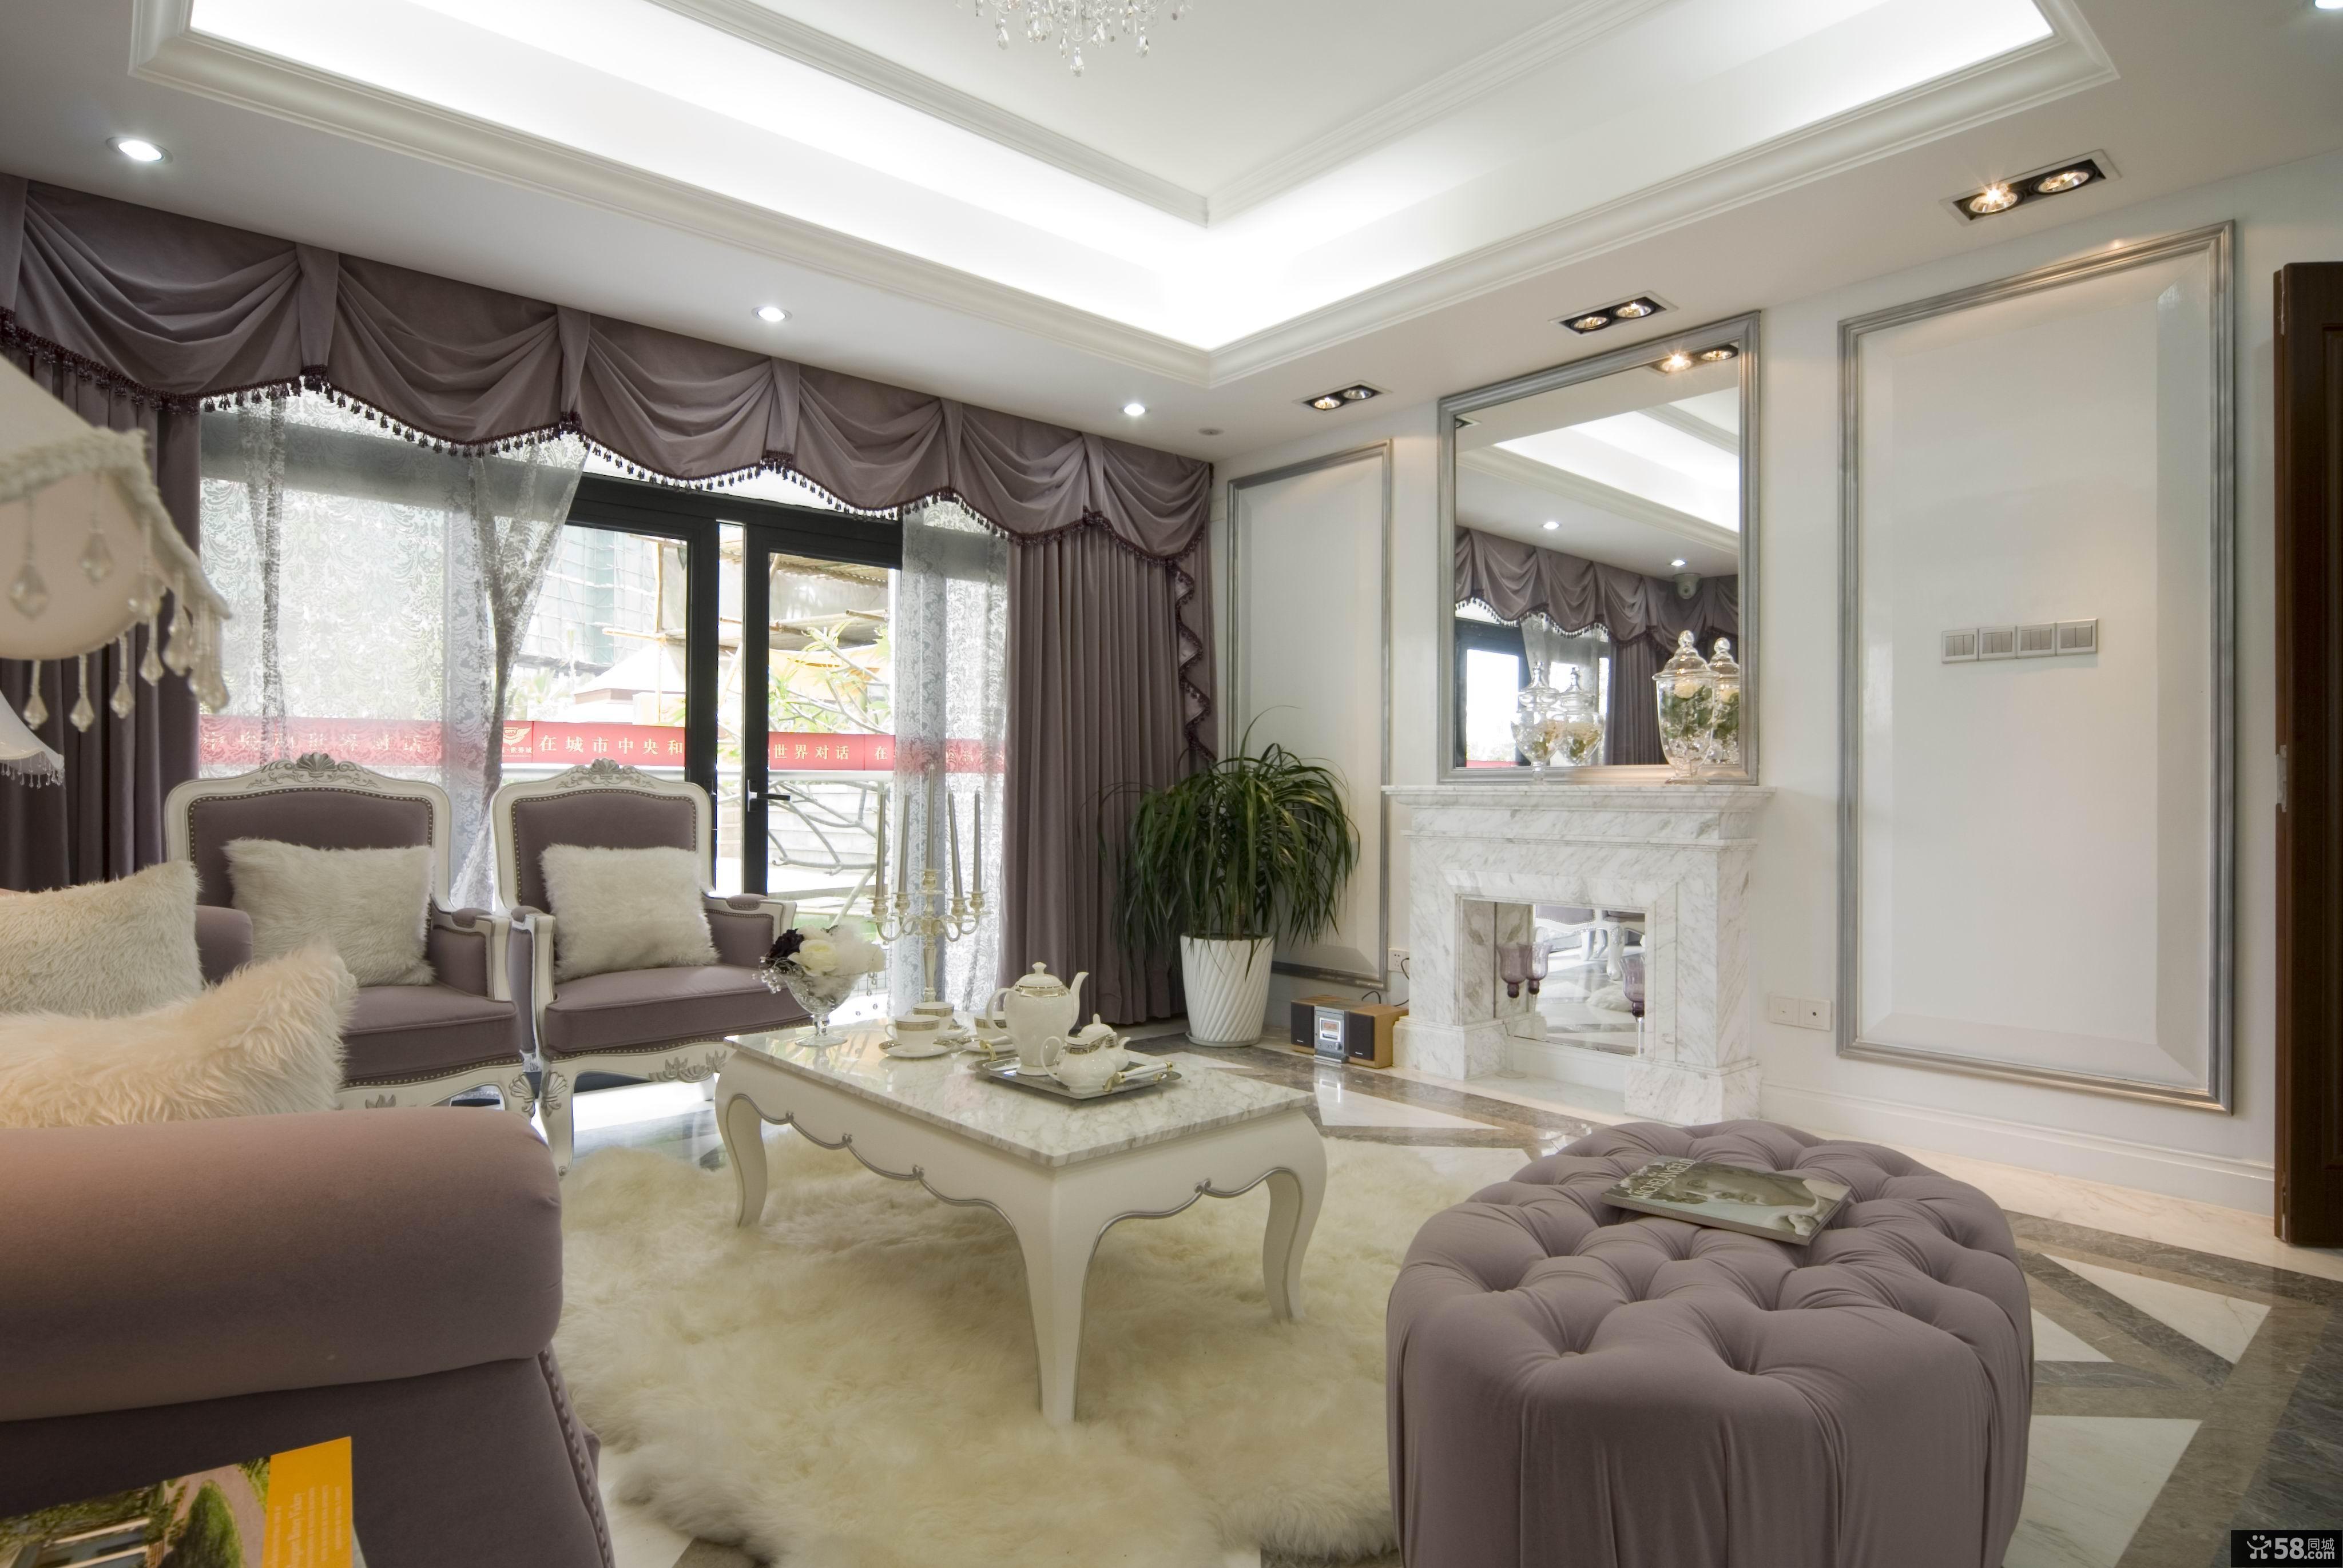 【欧式客厅地毯效果图】 - 58同城装修效果图大全